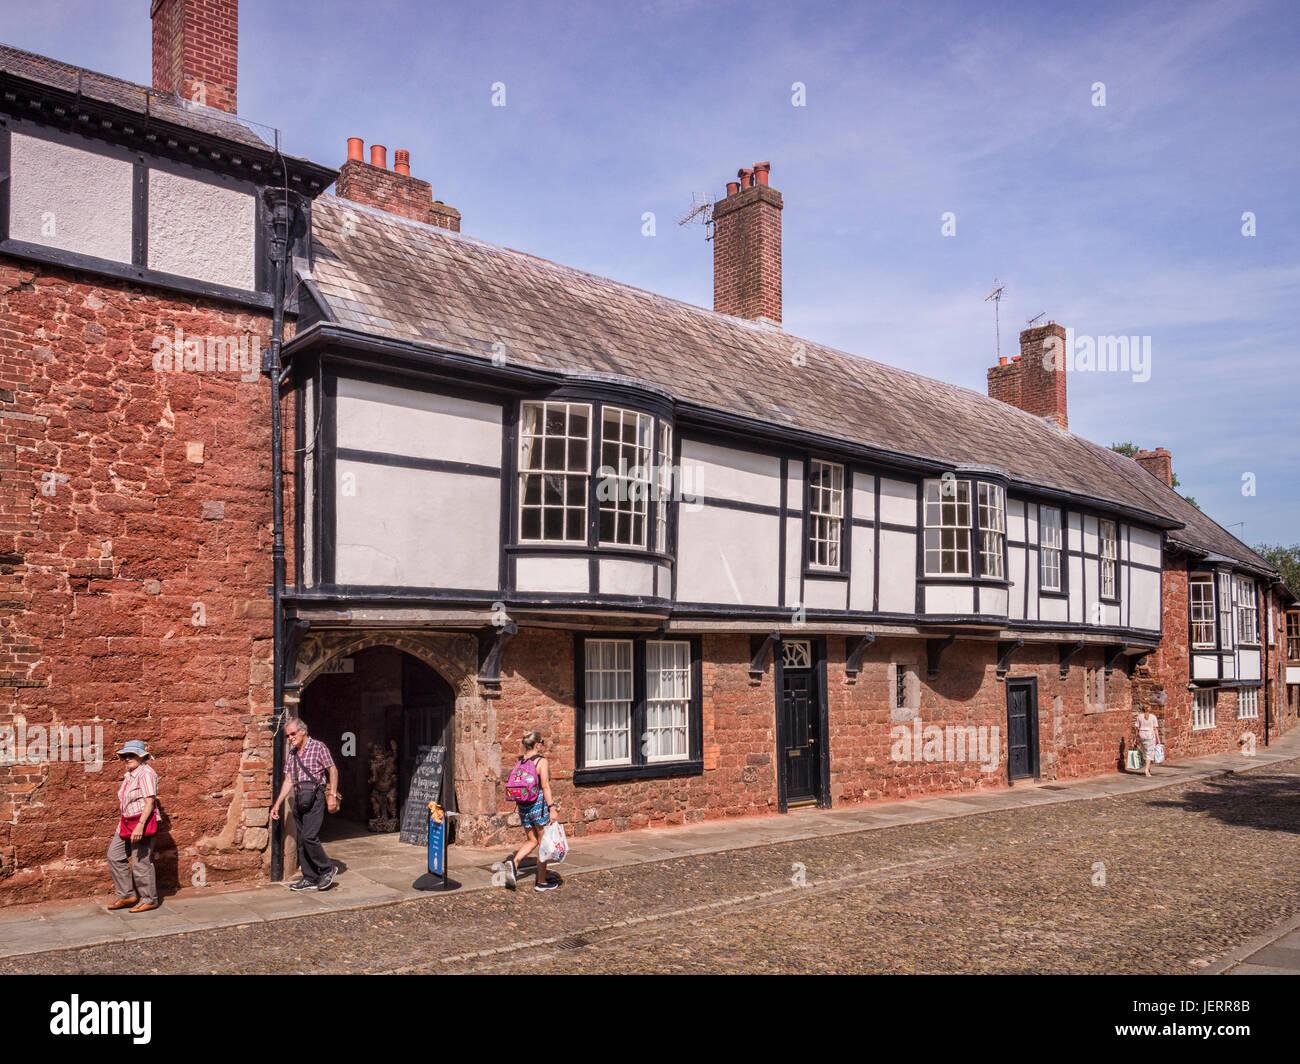 20 de junio de 2017: Exeter, Devon, Reino Unido - Casas en Catedral, cerca de Exeter, en el verde de la Catedral. Imagen De Stock